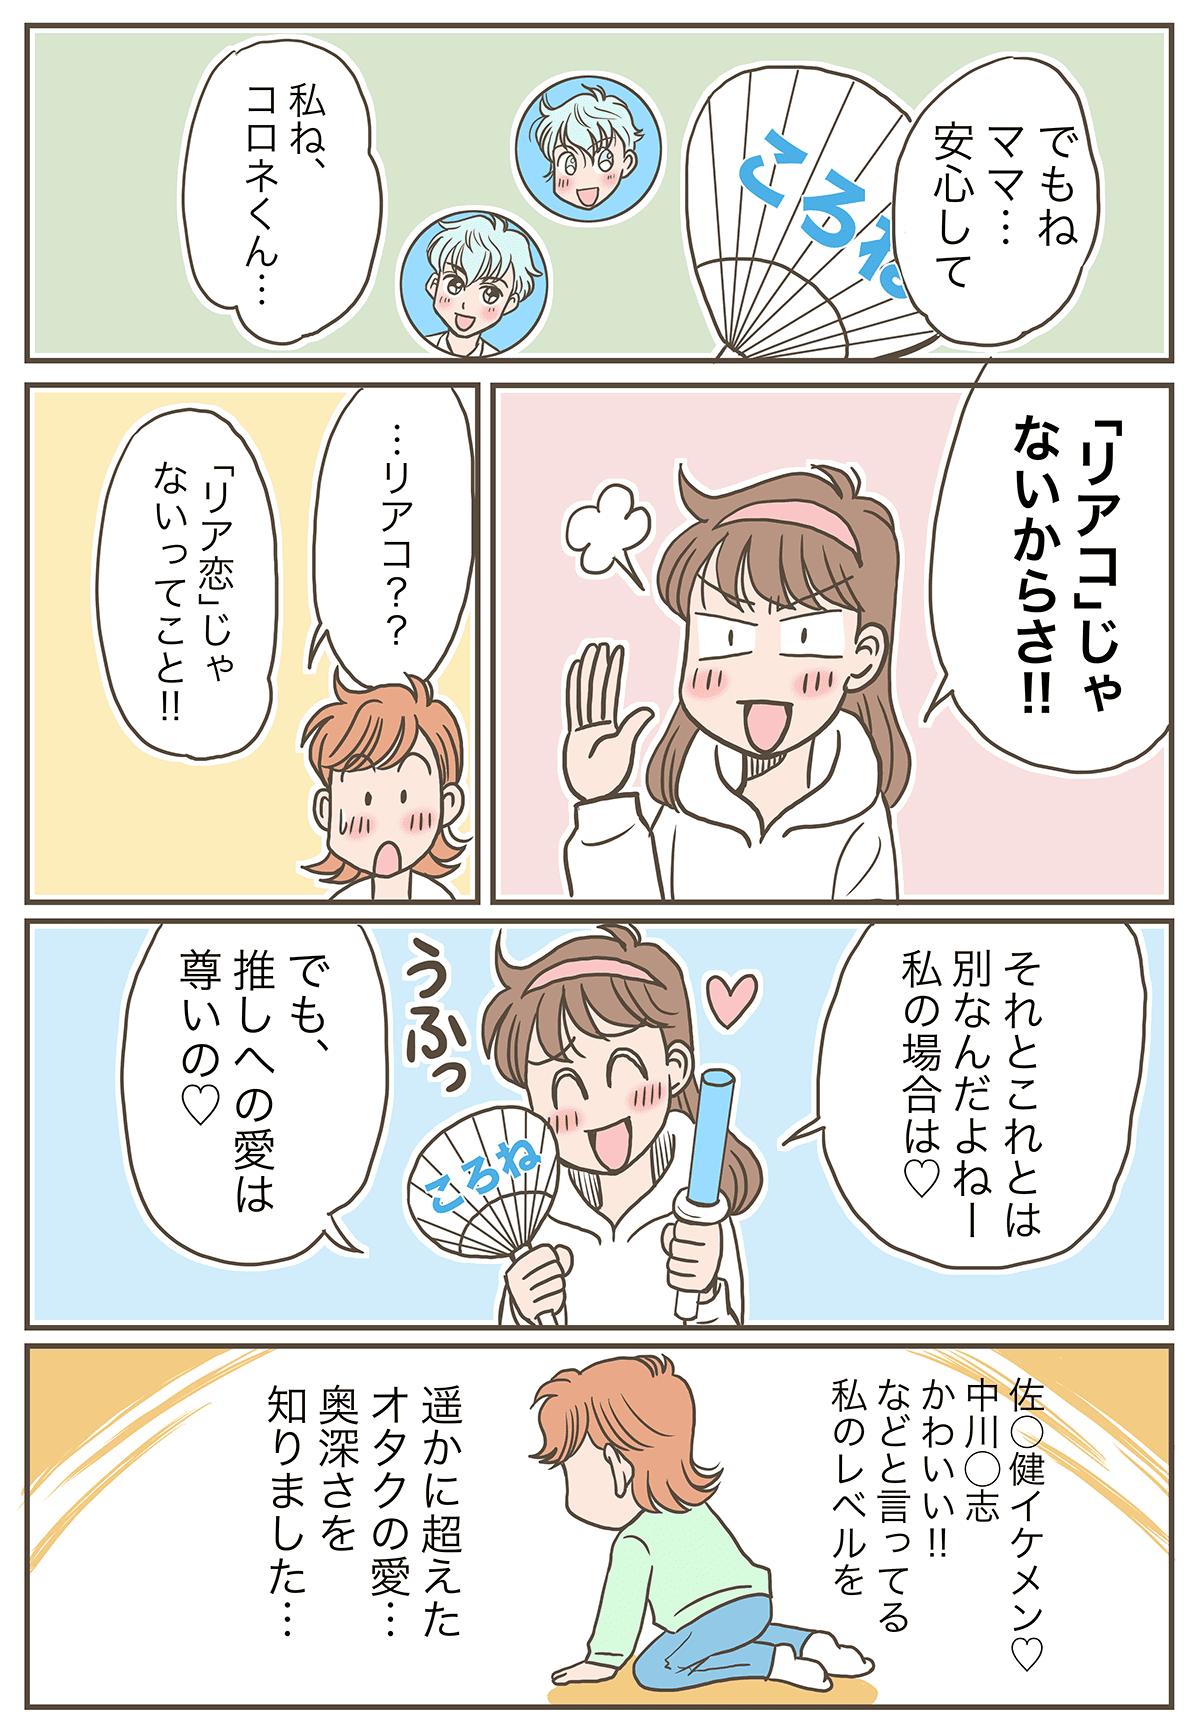 娘の恋愛事情_004